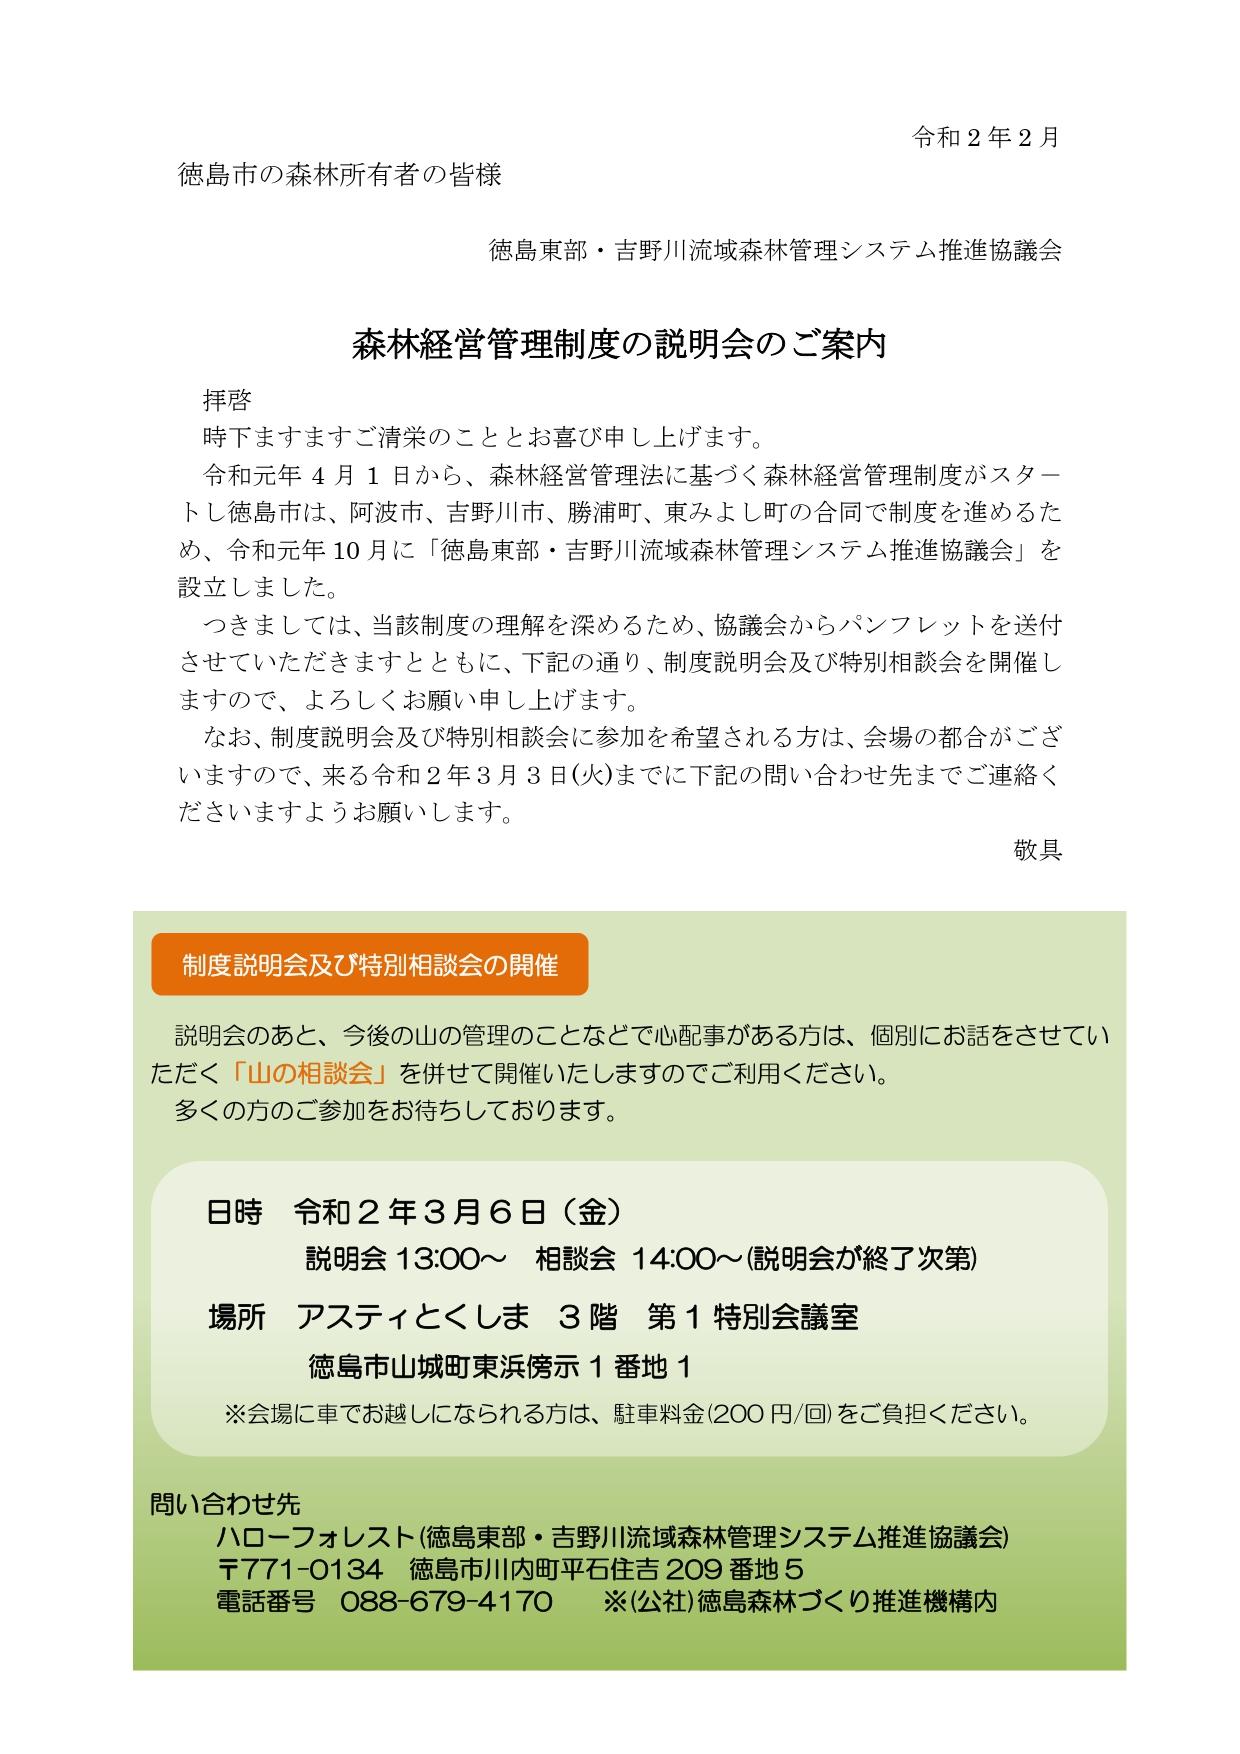 パンフレット送付のご案内(徳島市)